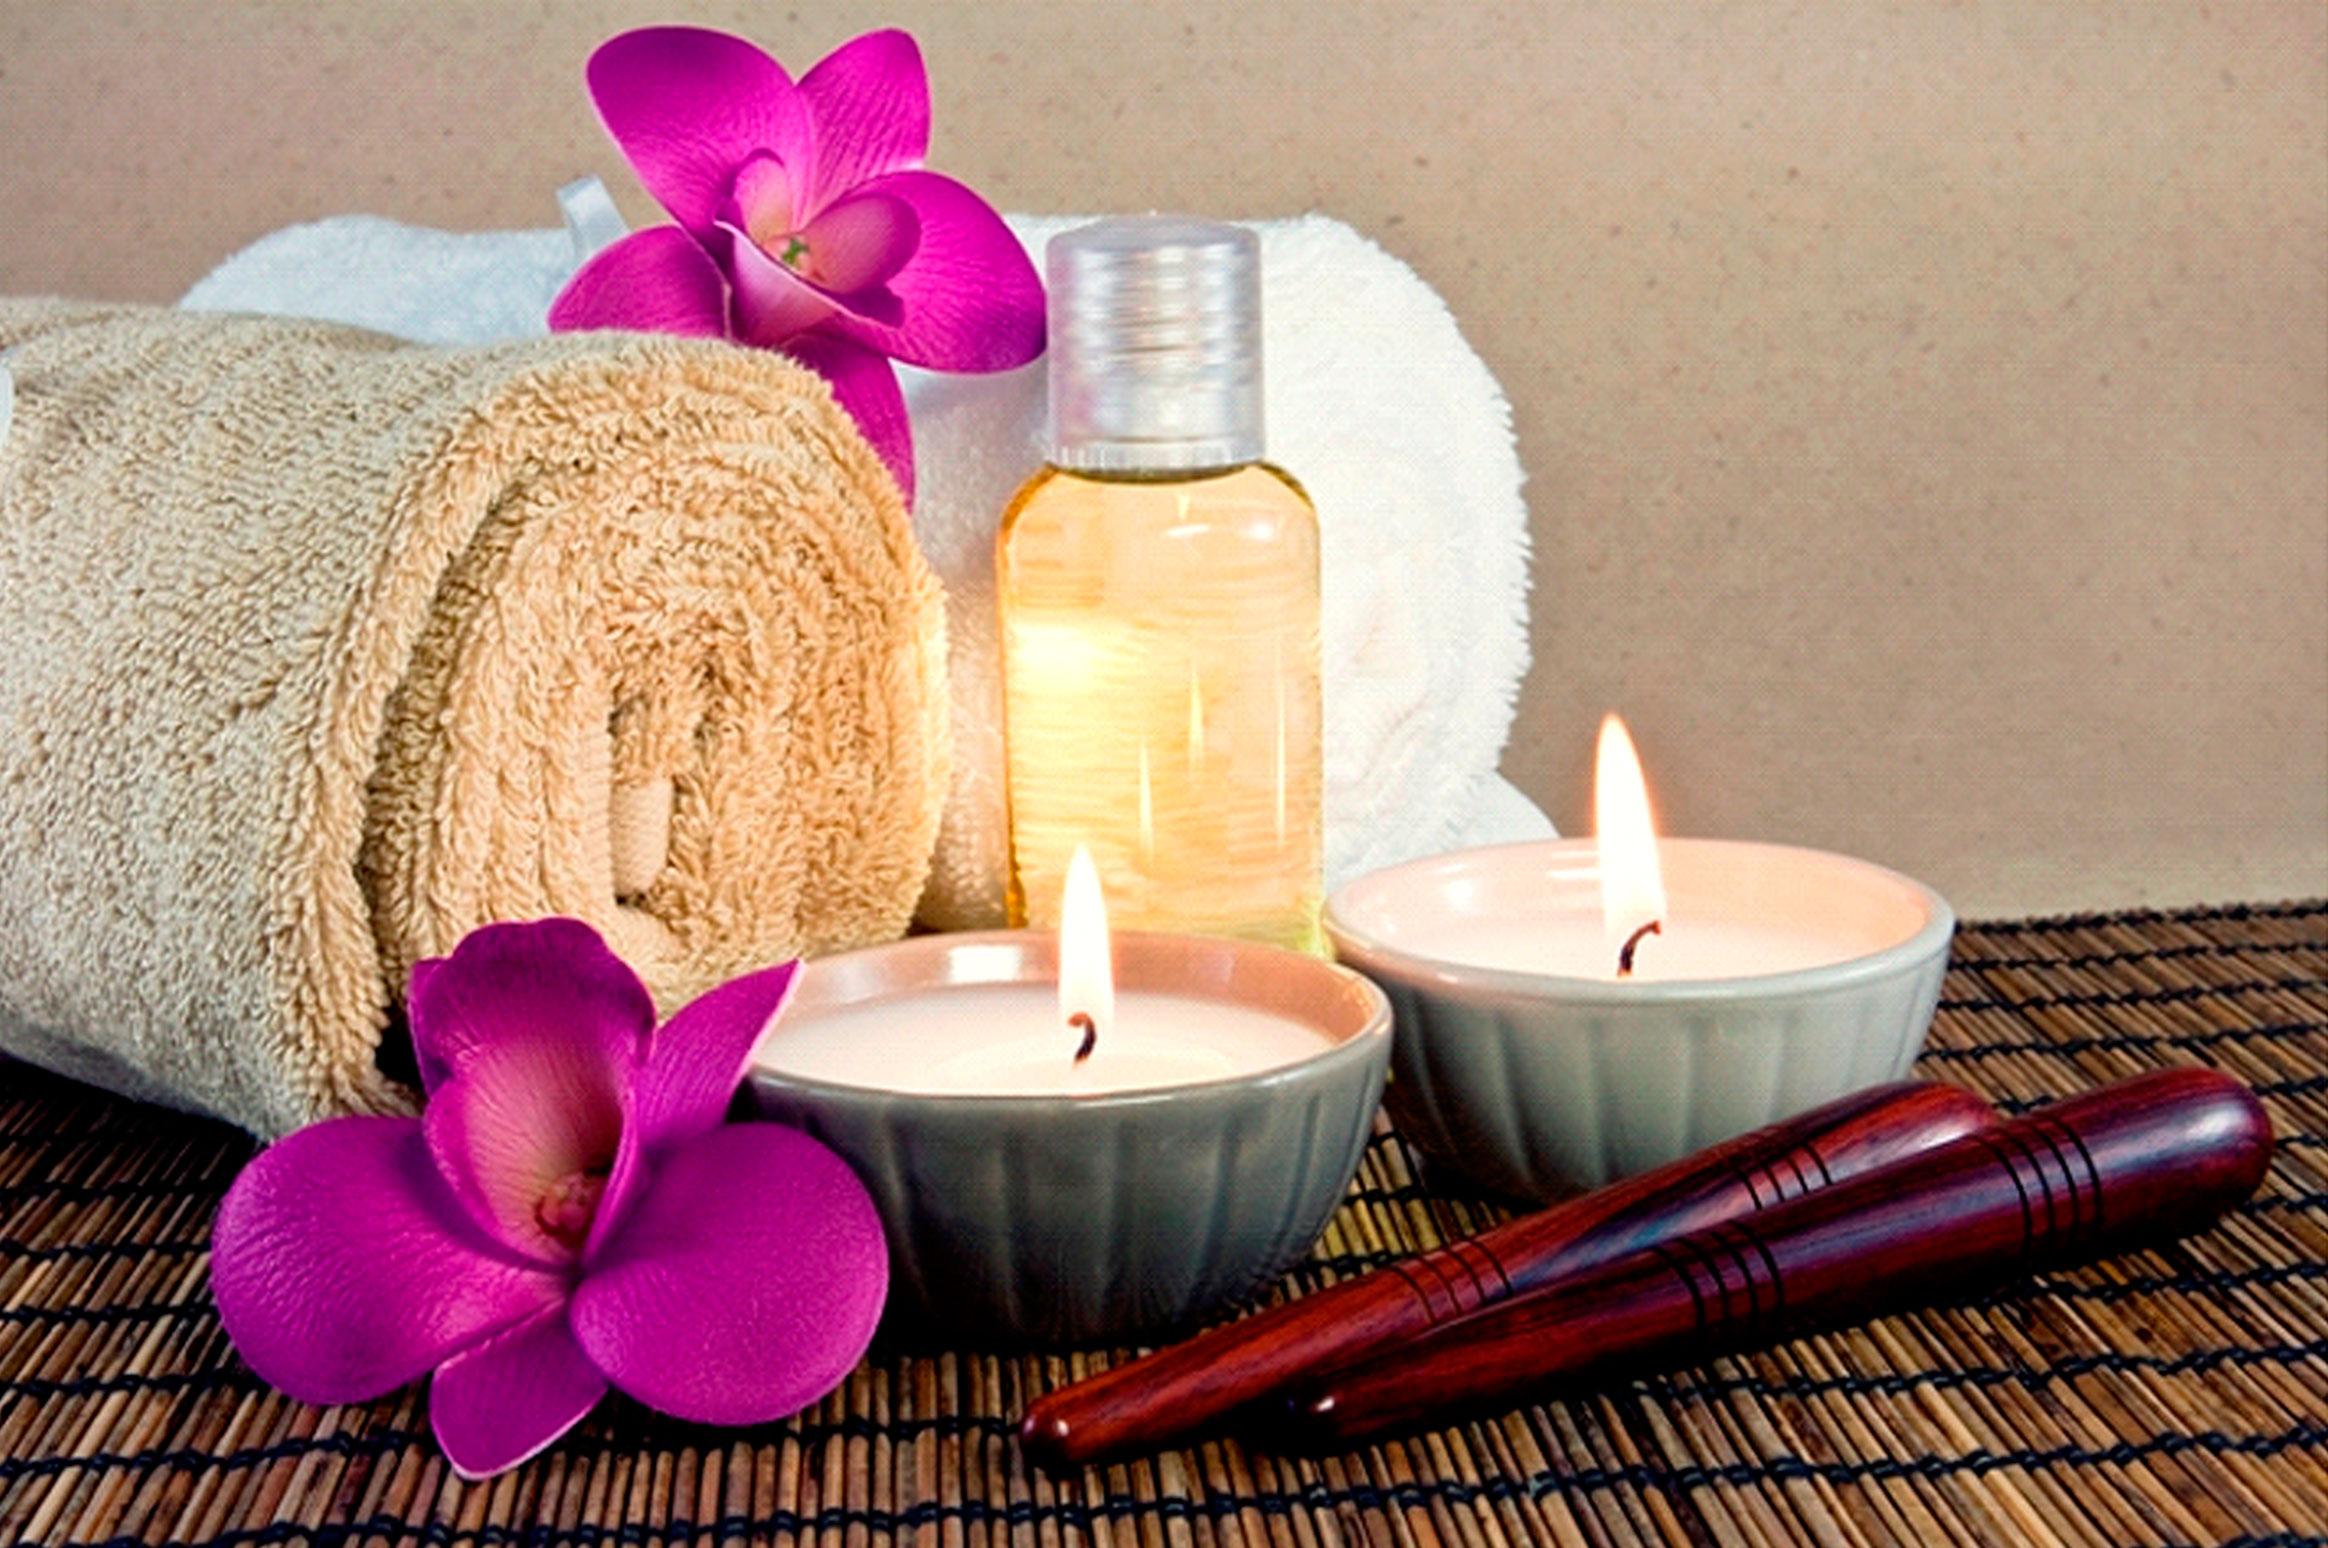 Что нужно для нуру массажа в домашних условиях 8 фотография